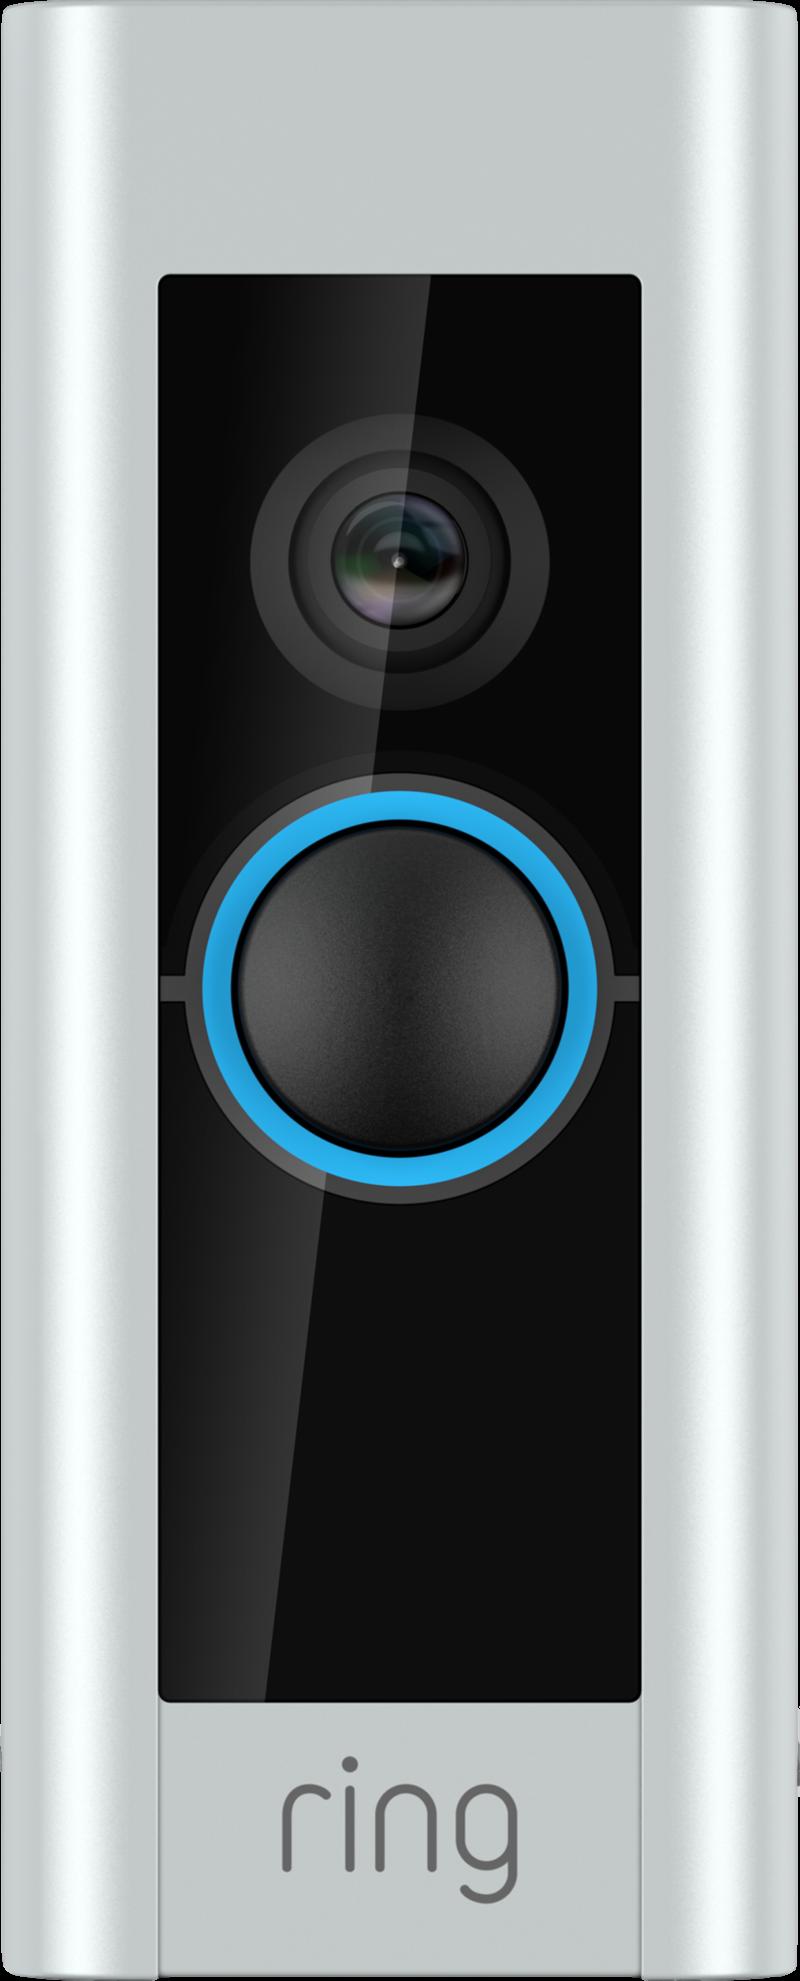 ring-video-doorbell-pro-render.png